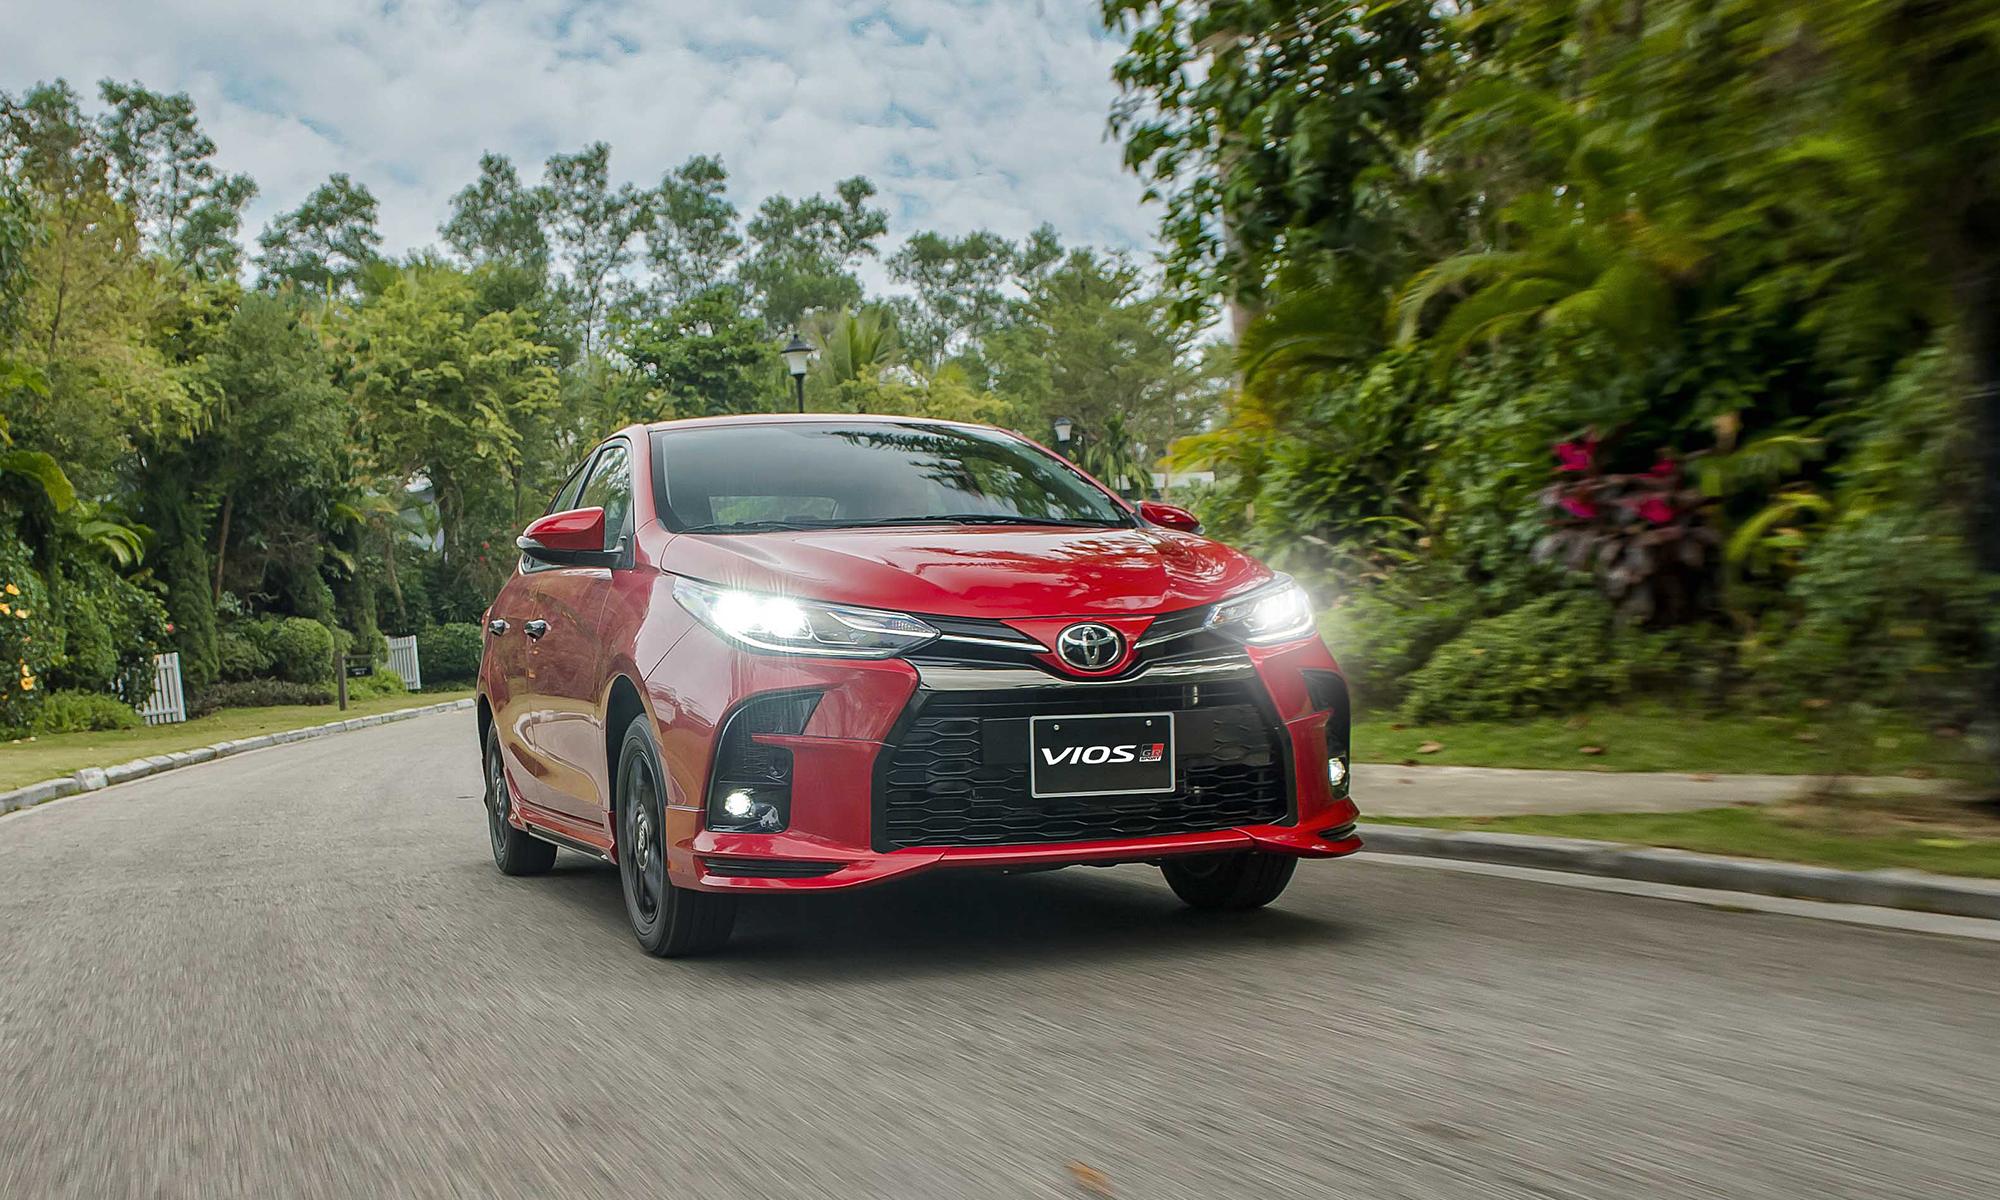 Thiết kế bản thể thao Toyota Vios GR-S.